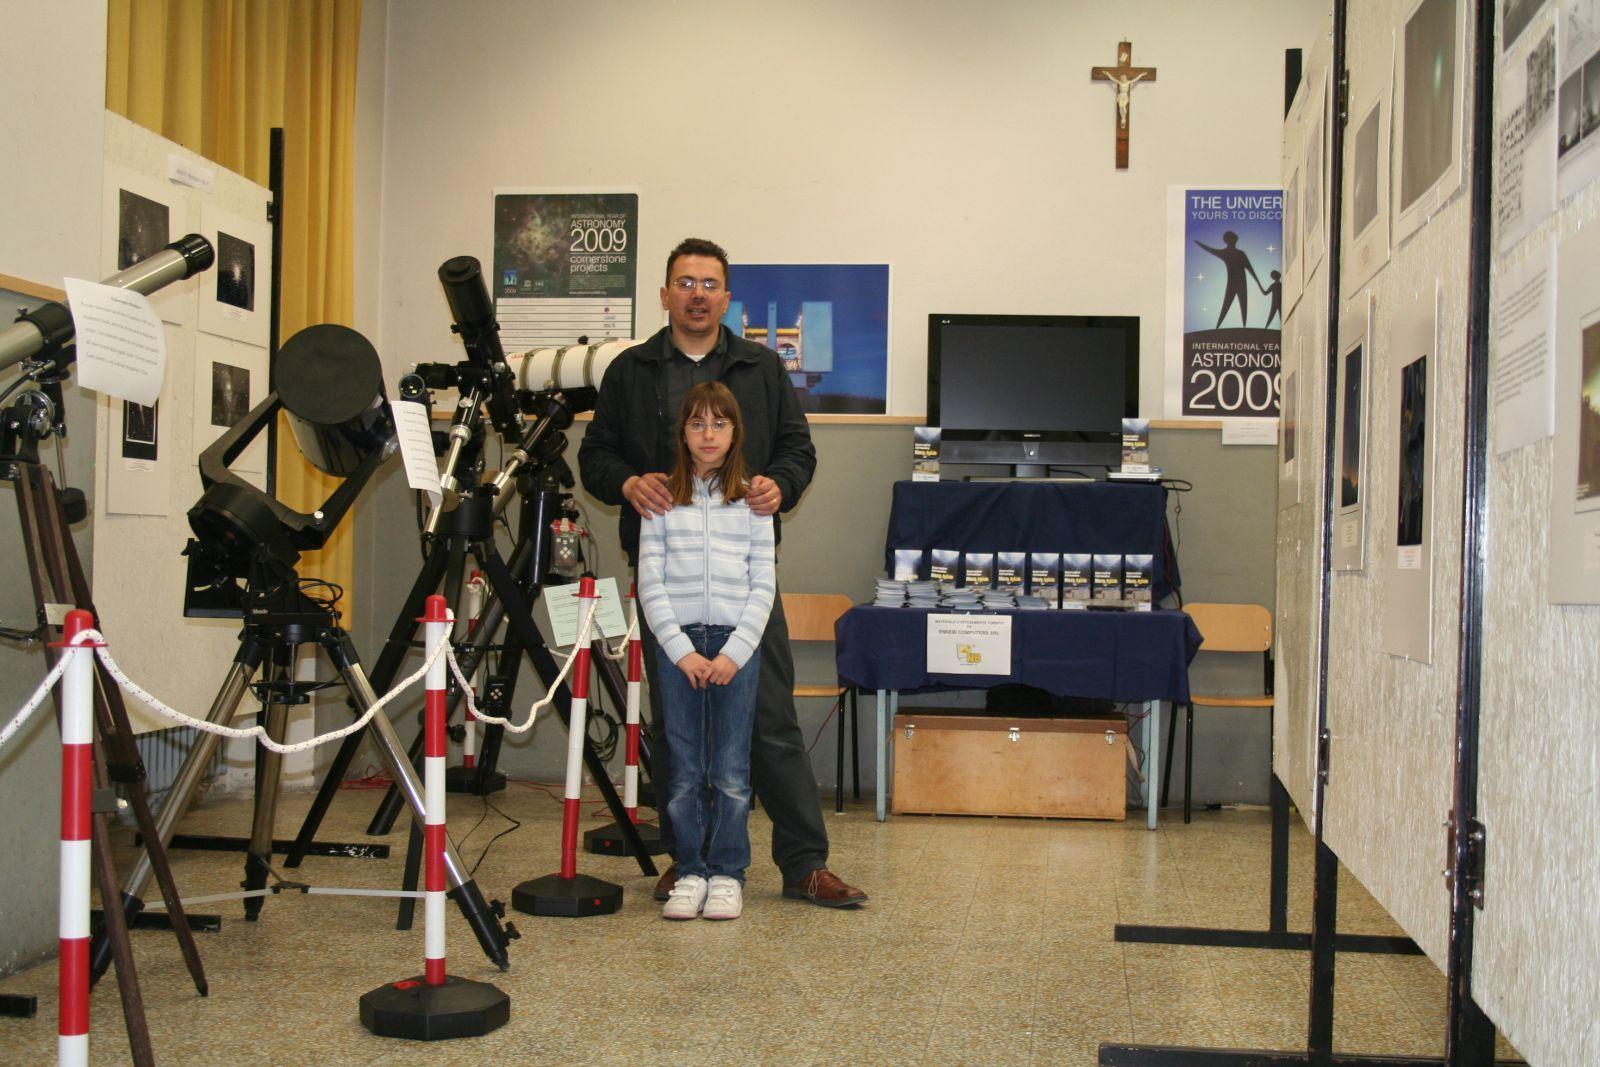 La mostra dellástronomia al 1 Maggio a Fornaci